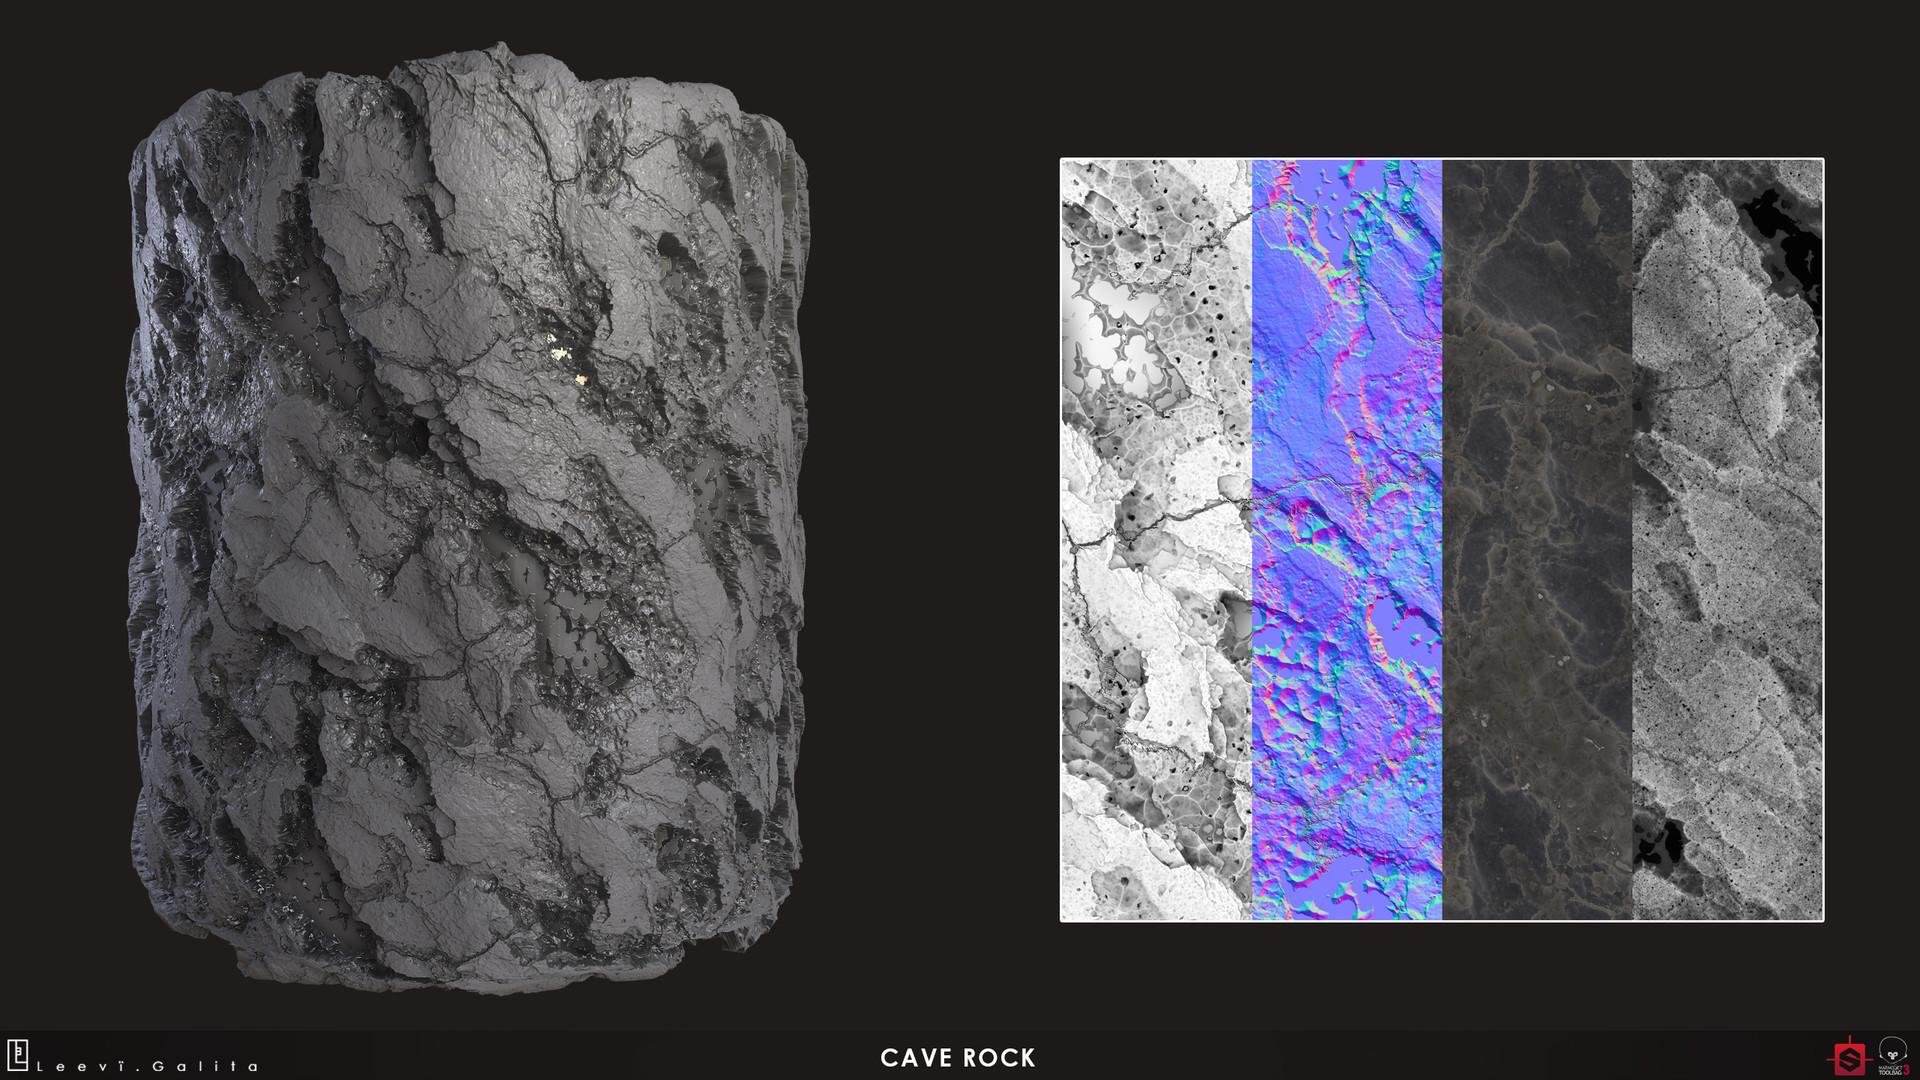 Leevi galita textures